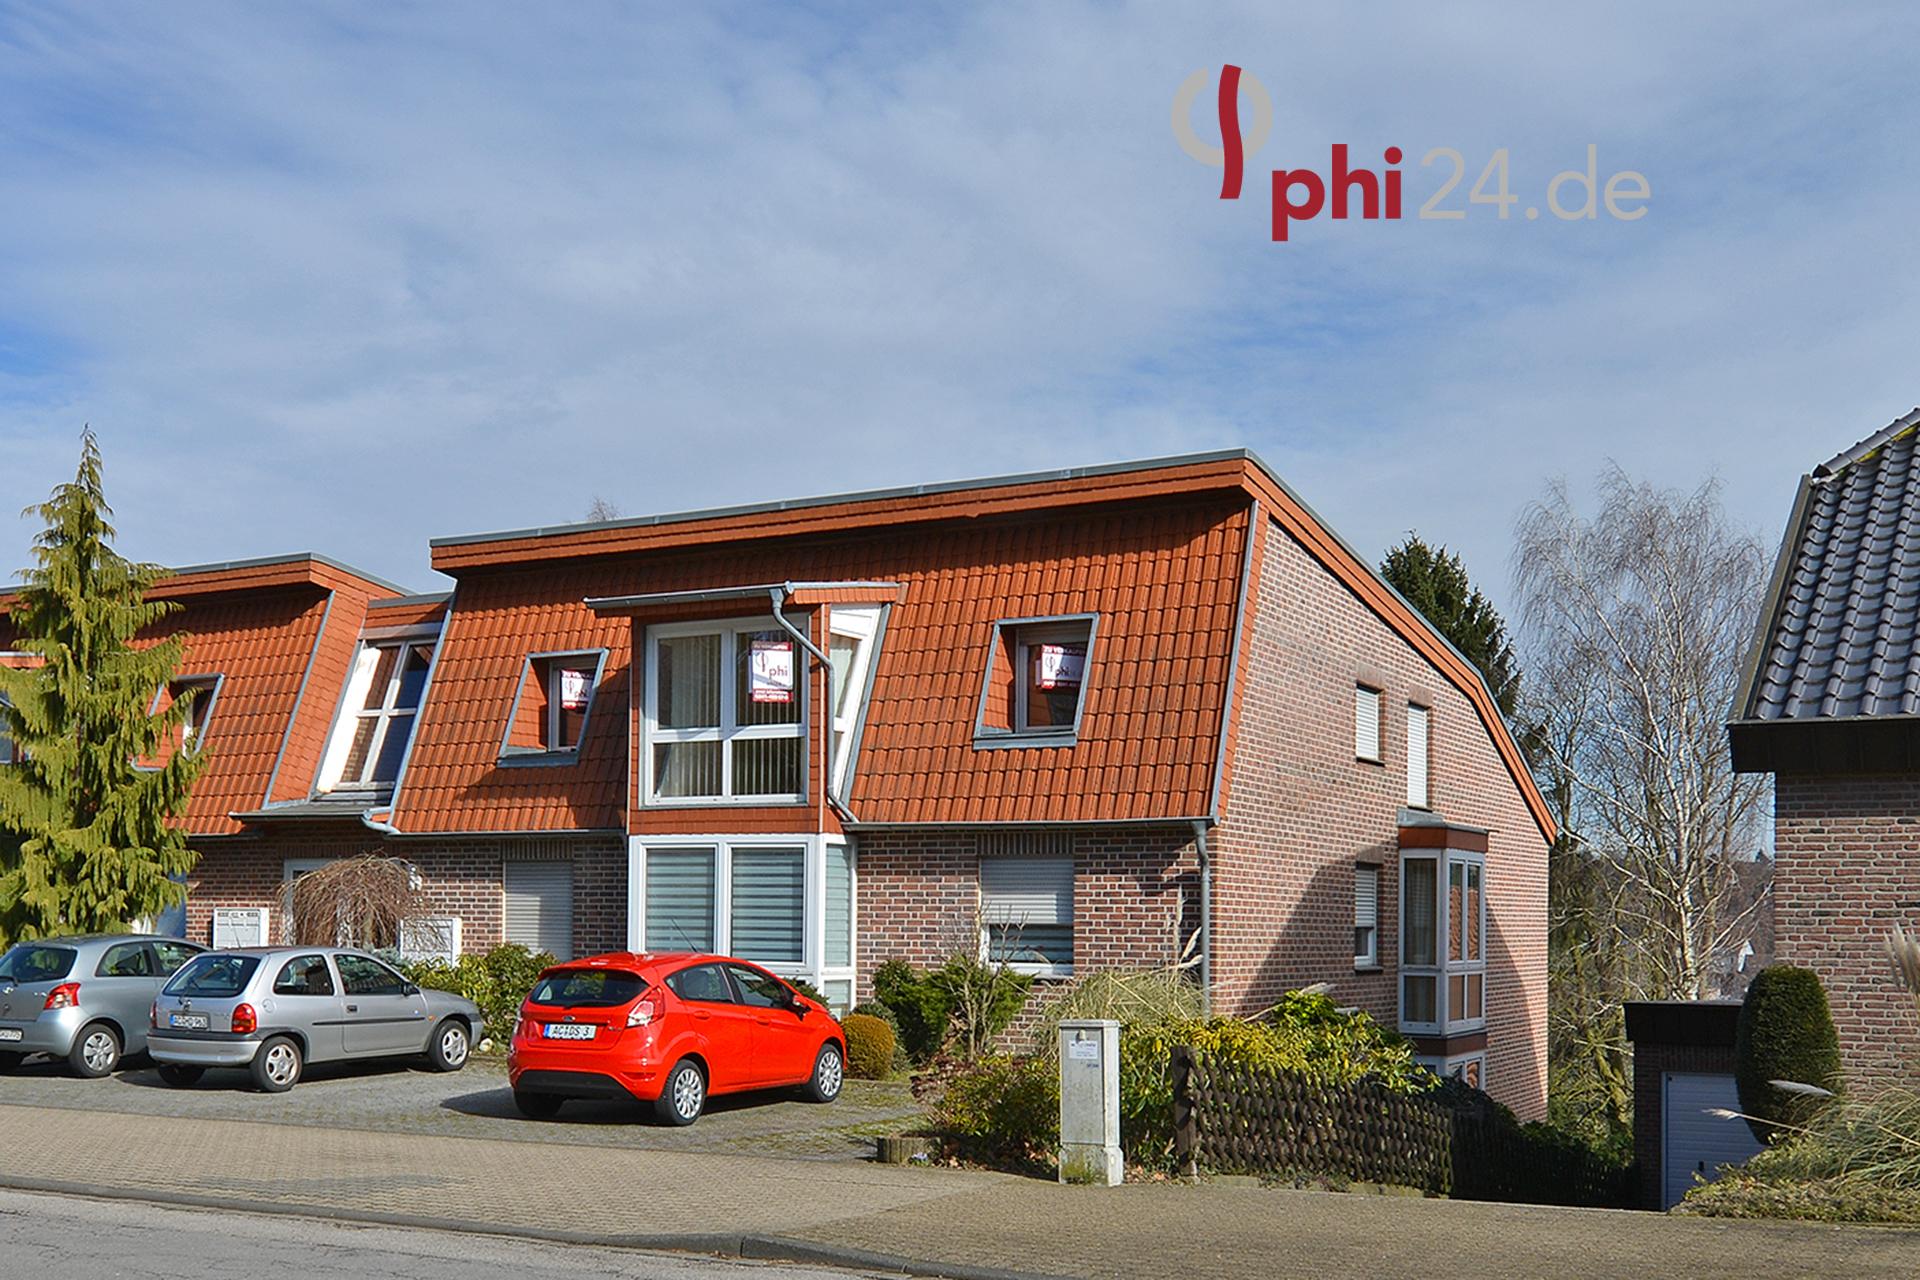 Immobilienmakler Stolberg DG-Wohnung referenzen mit Immobilienbewertung